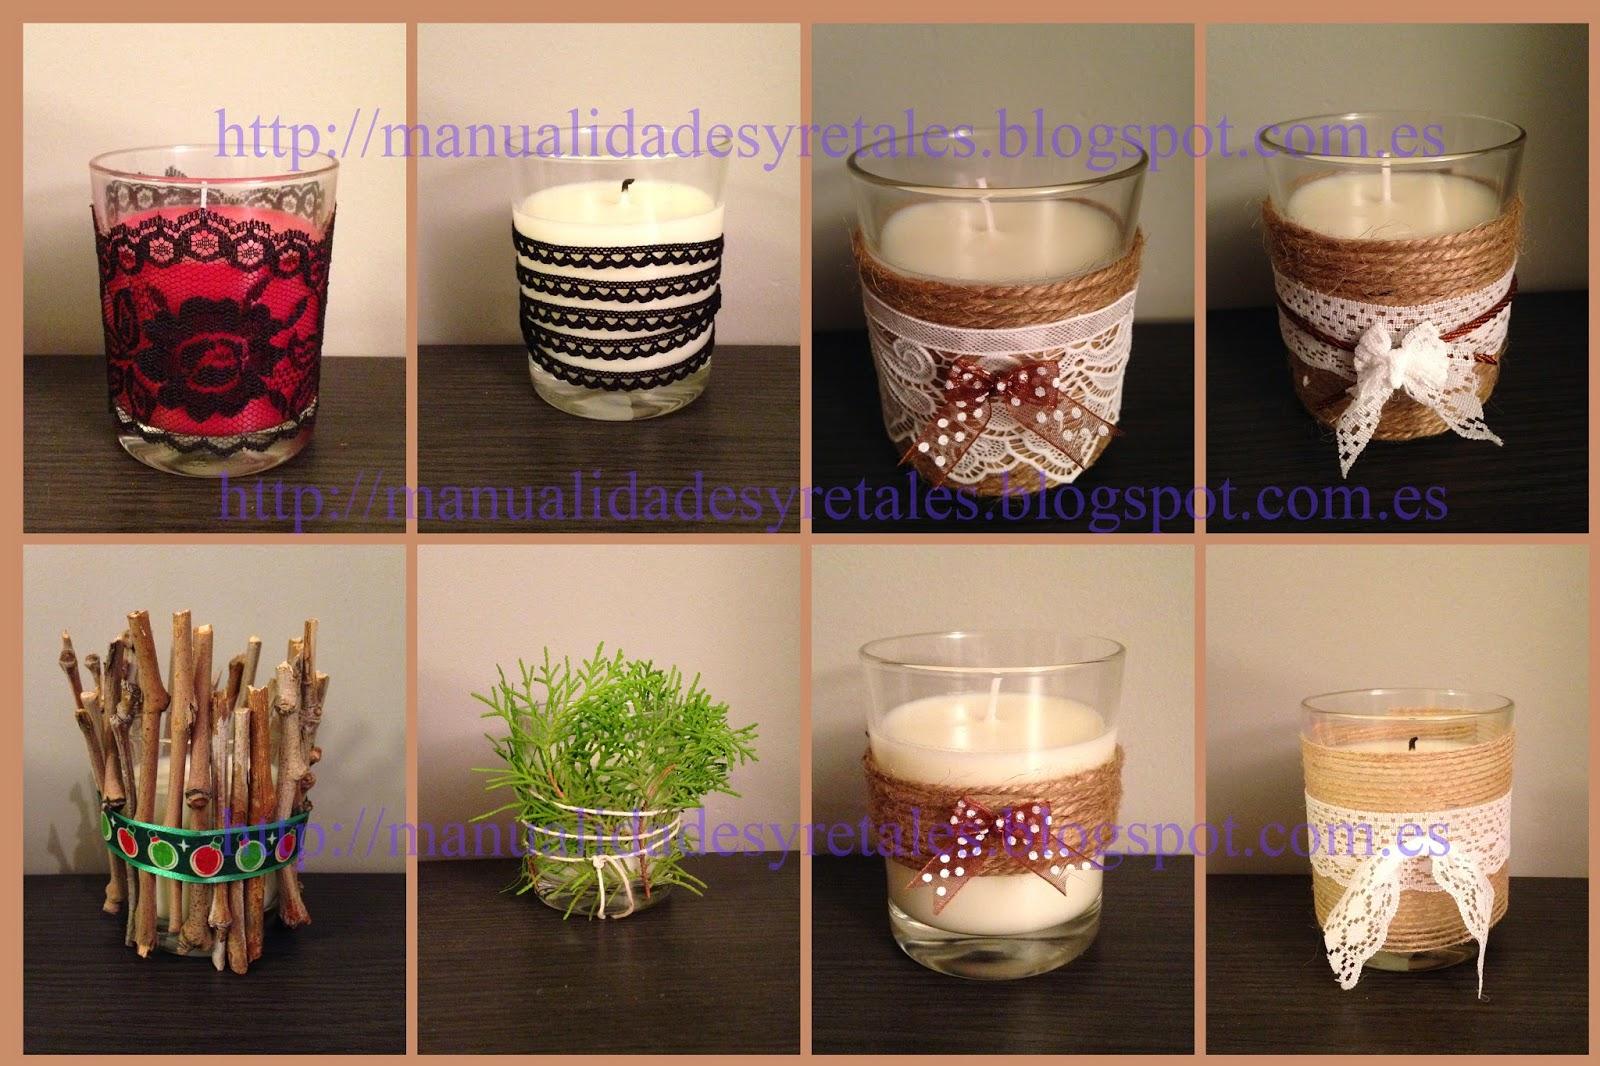 Manualidades y retales velas decoradas - Velas decoradas para navidad ...